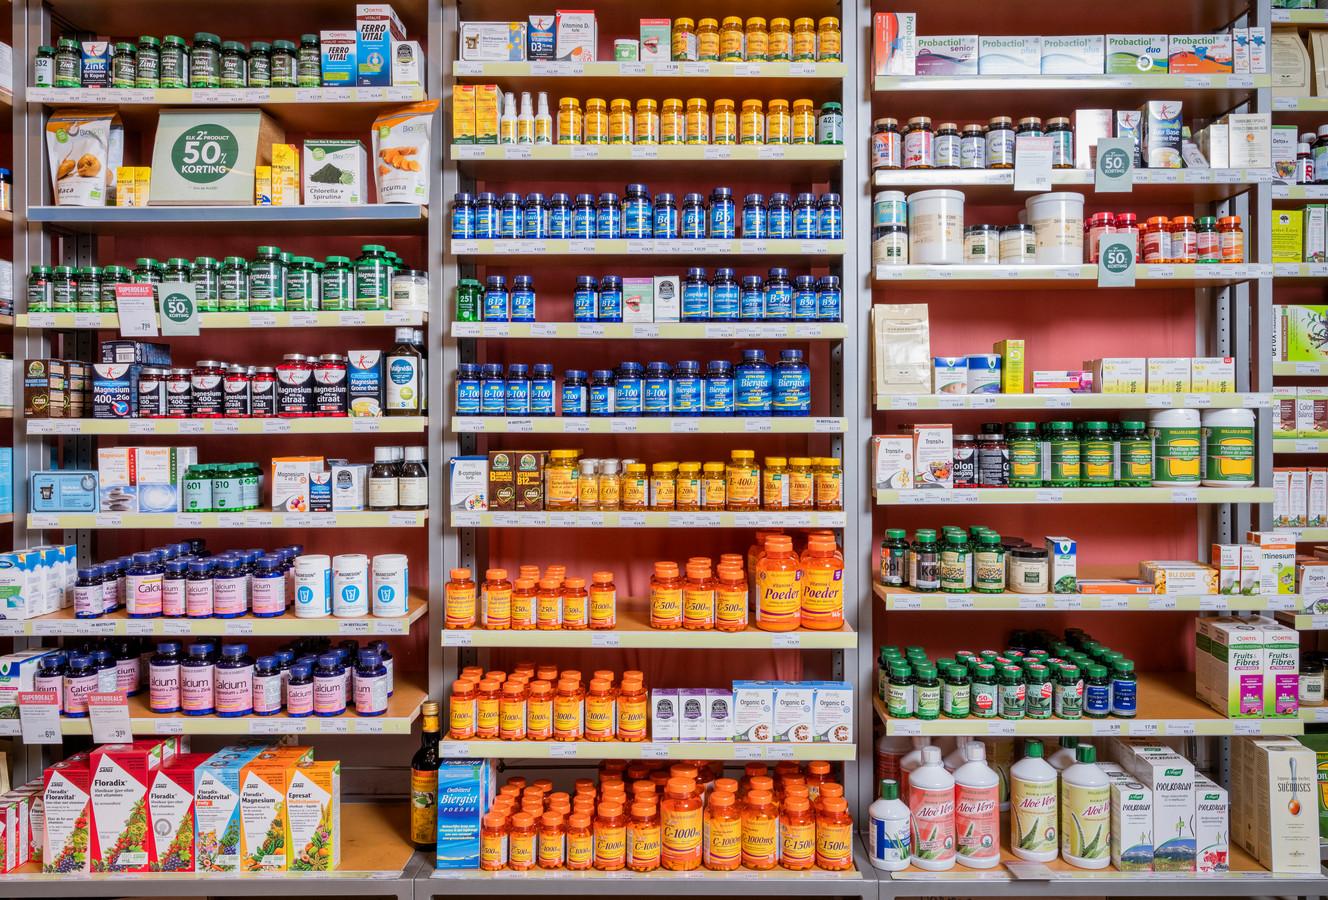 Fabrikanten spelen handig in op de behoefte aan extra vitaminen en preparaten: we kunnen kiezen uit meterslange schappen.